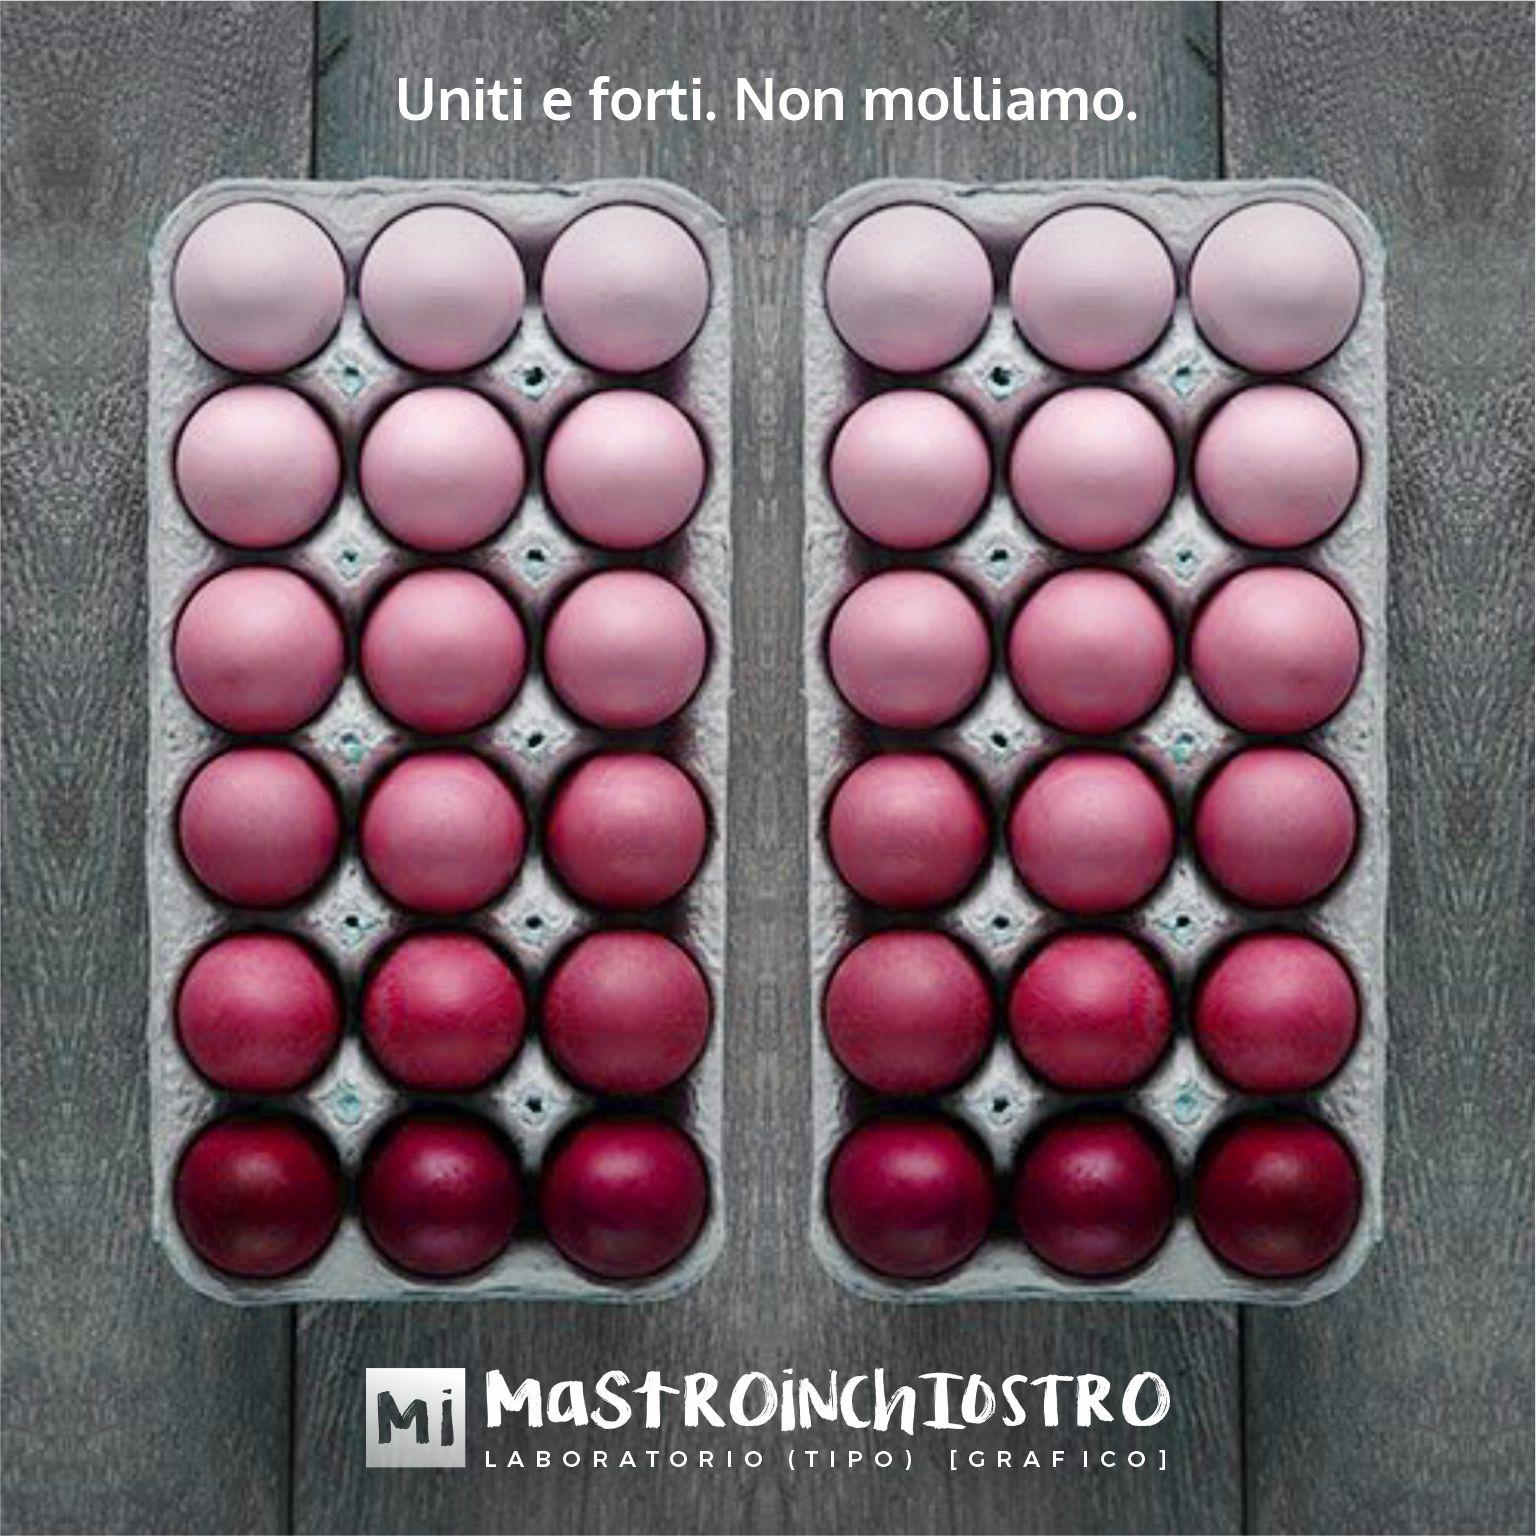 Easter eggs colored | MASTROiNCHIOSTRO